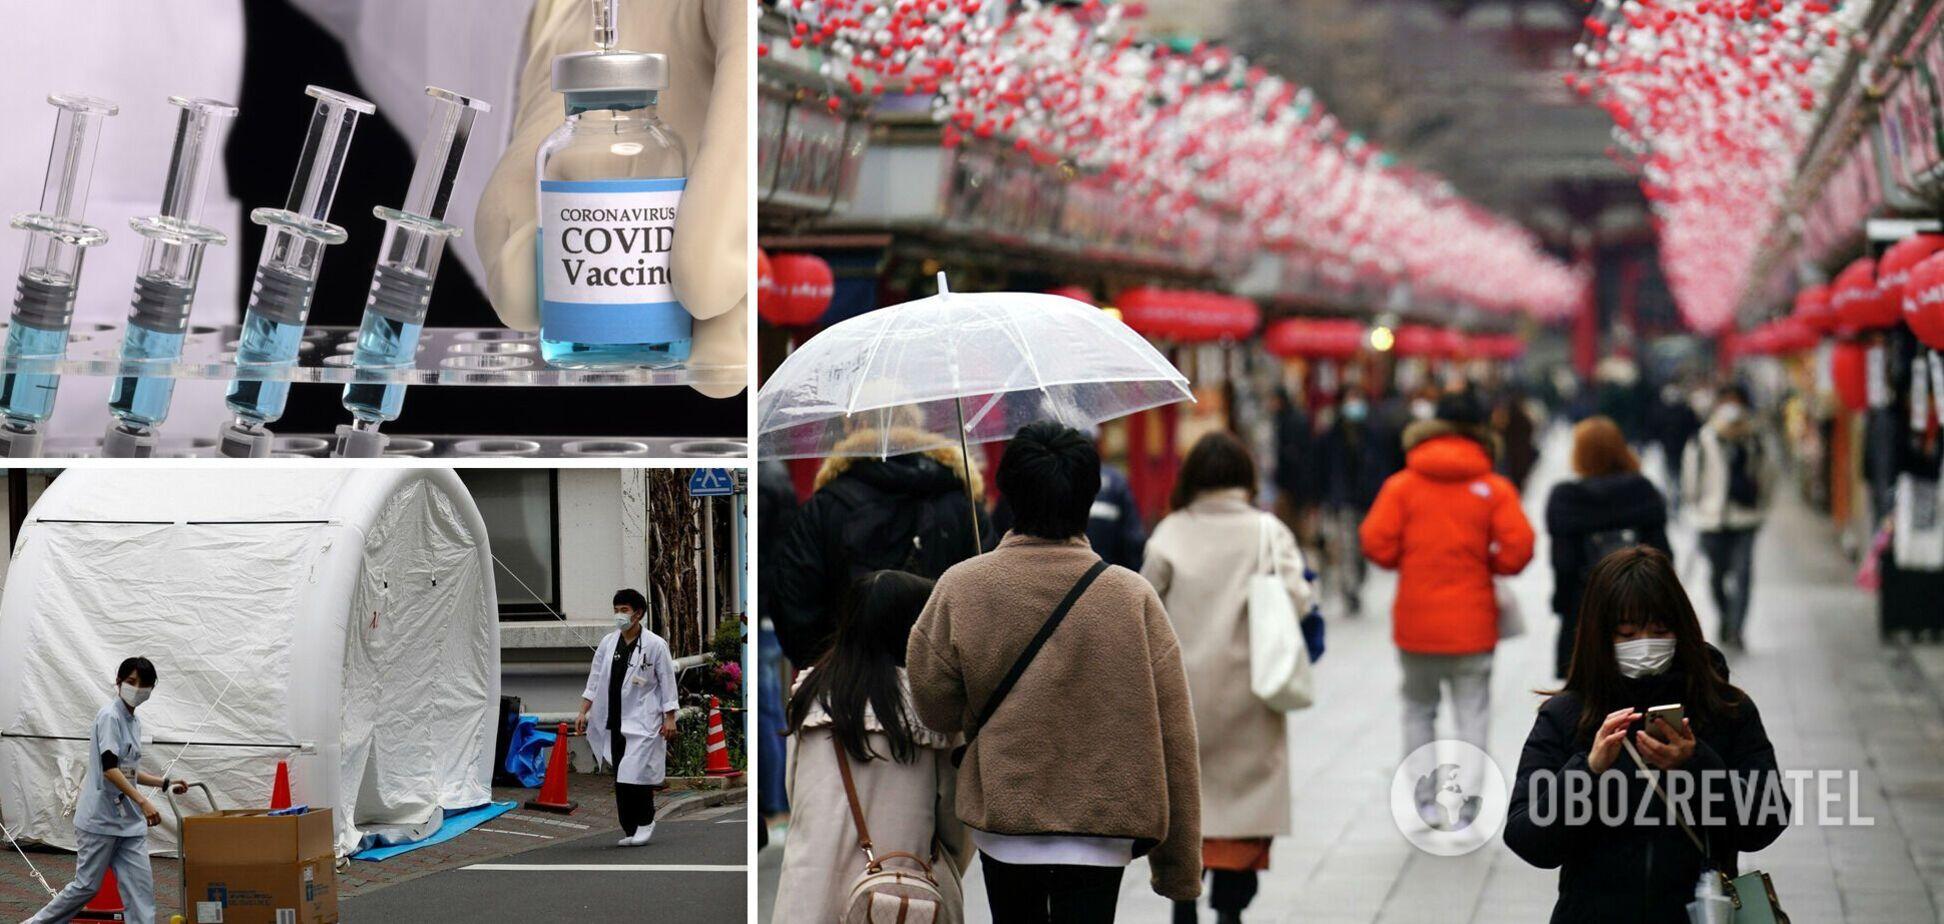 В Японии планируют начать вакцинацию от COVID-19 третьей дозой: названы сроки